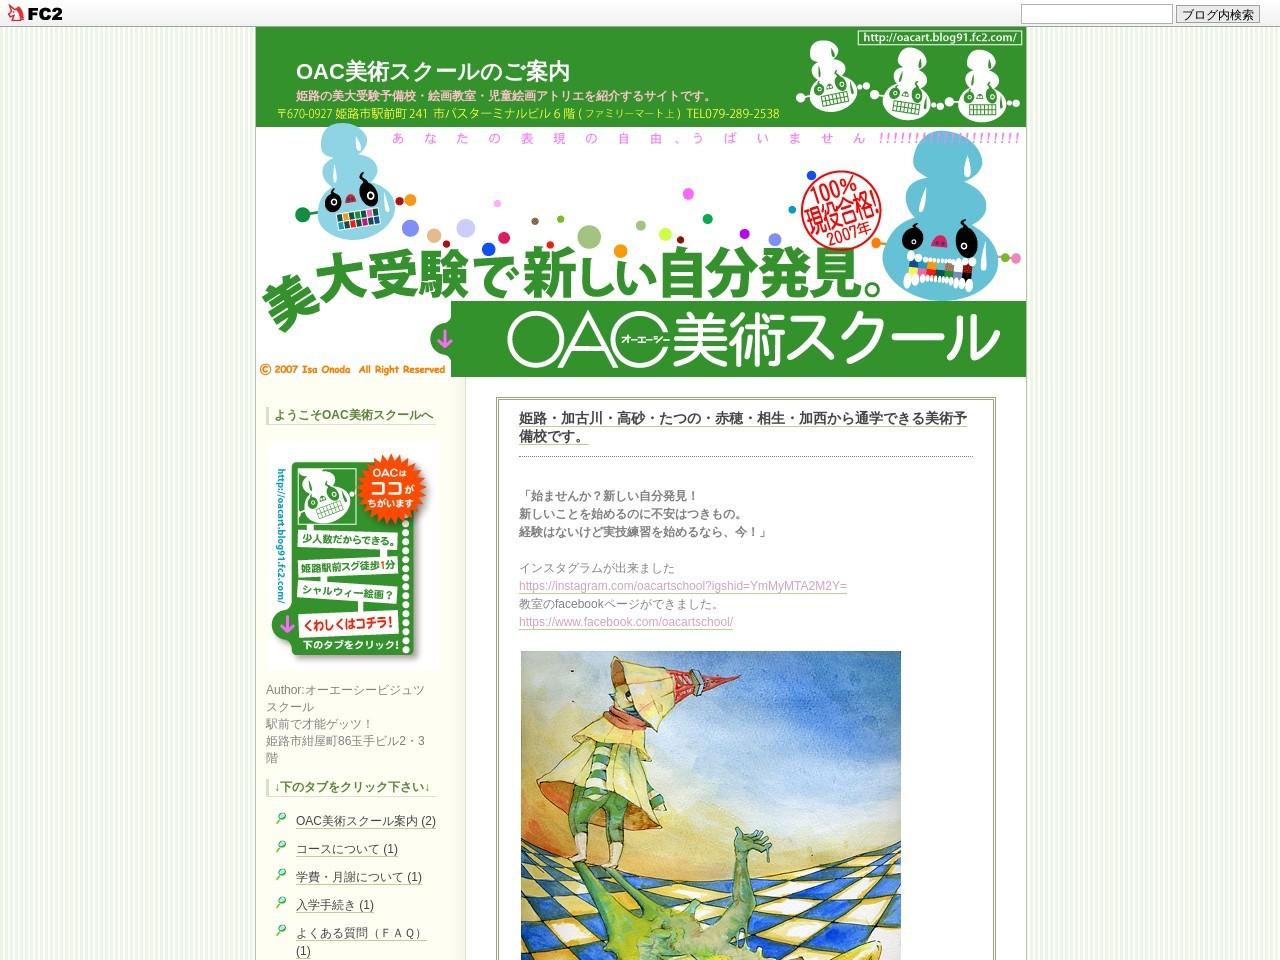 OAC美術スクール